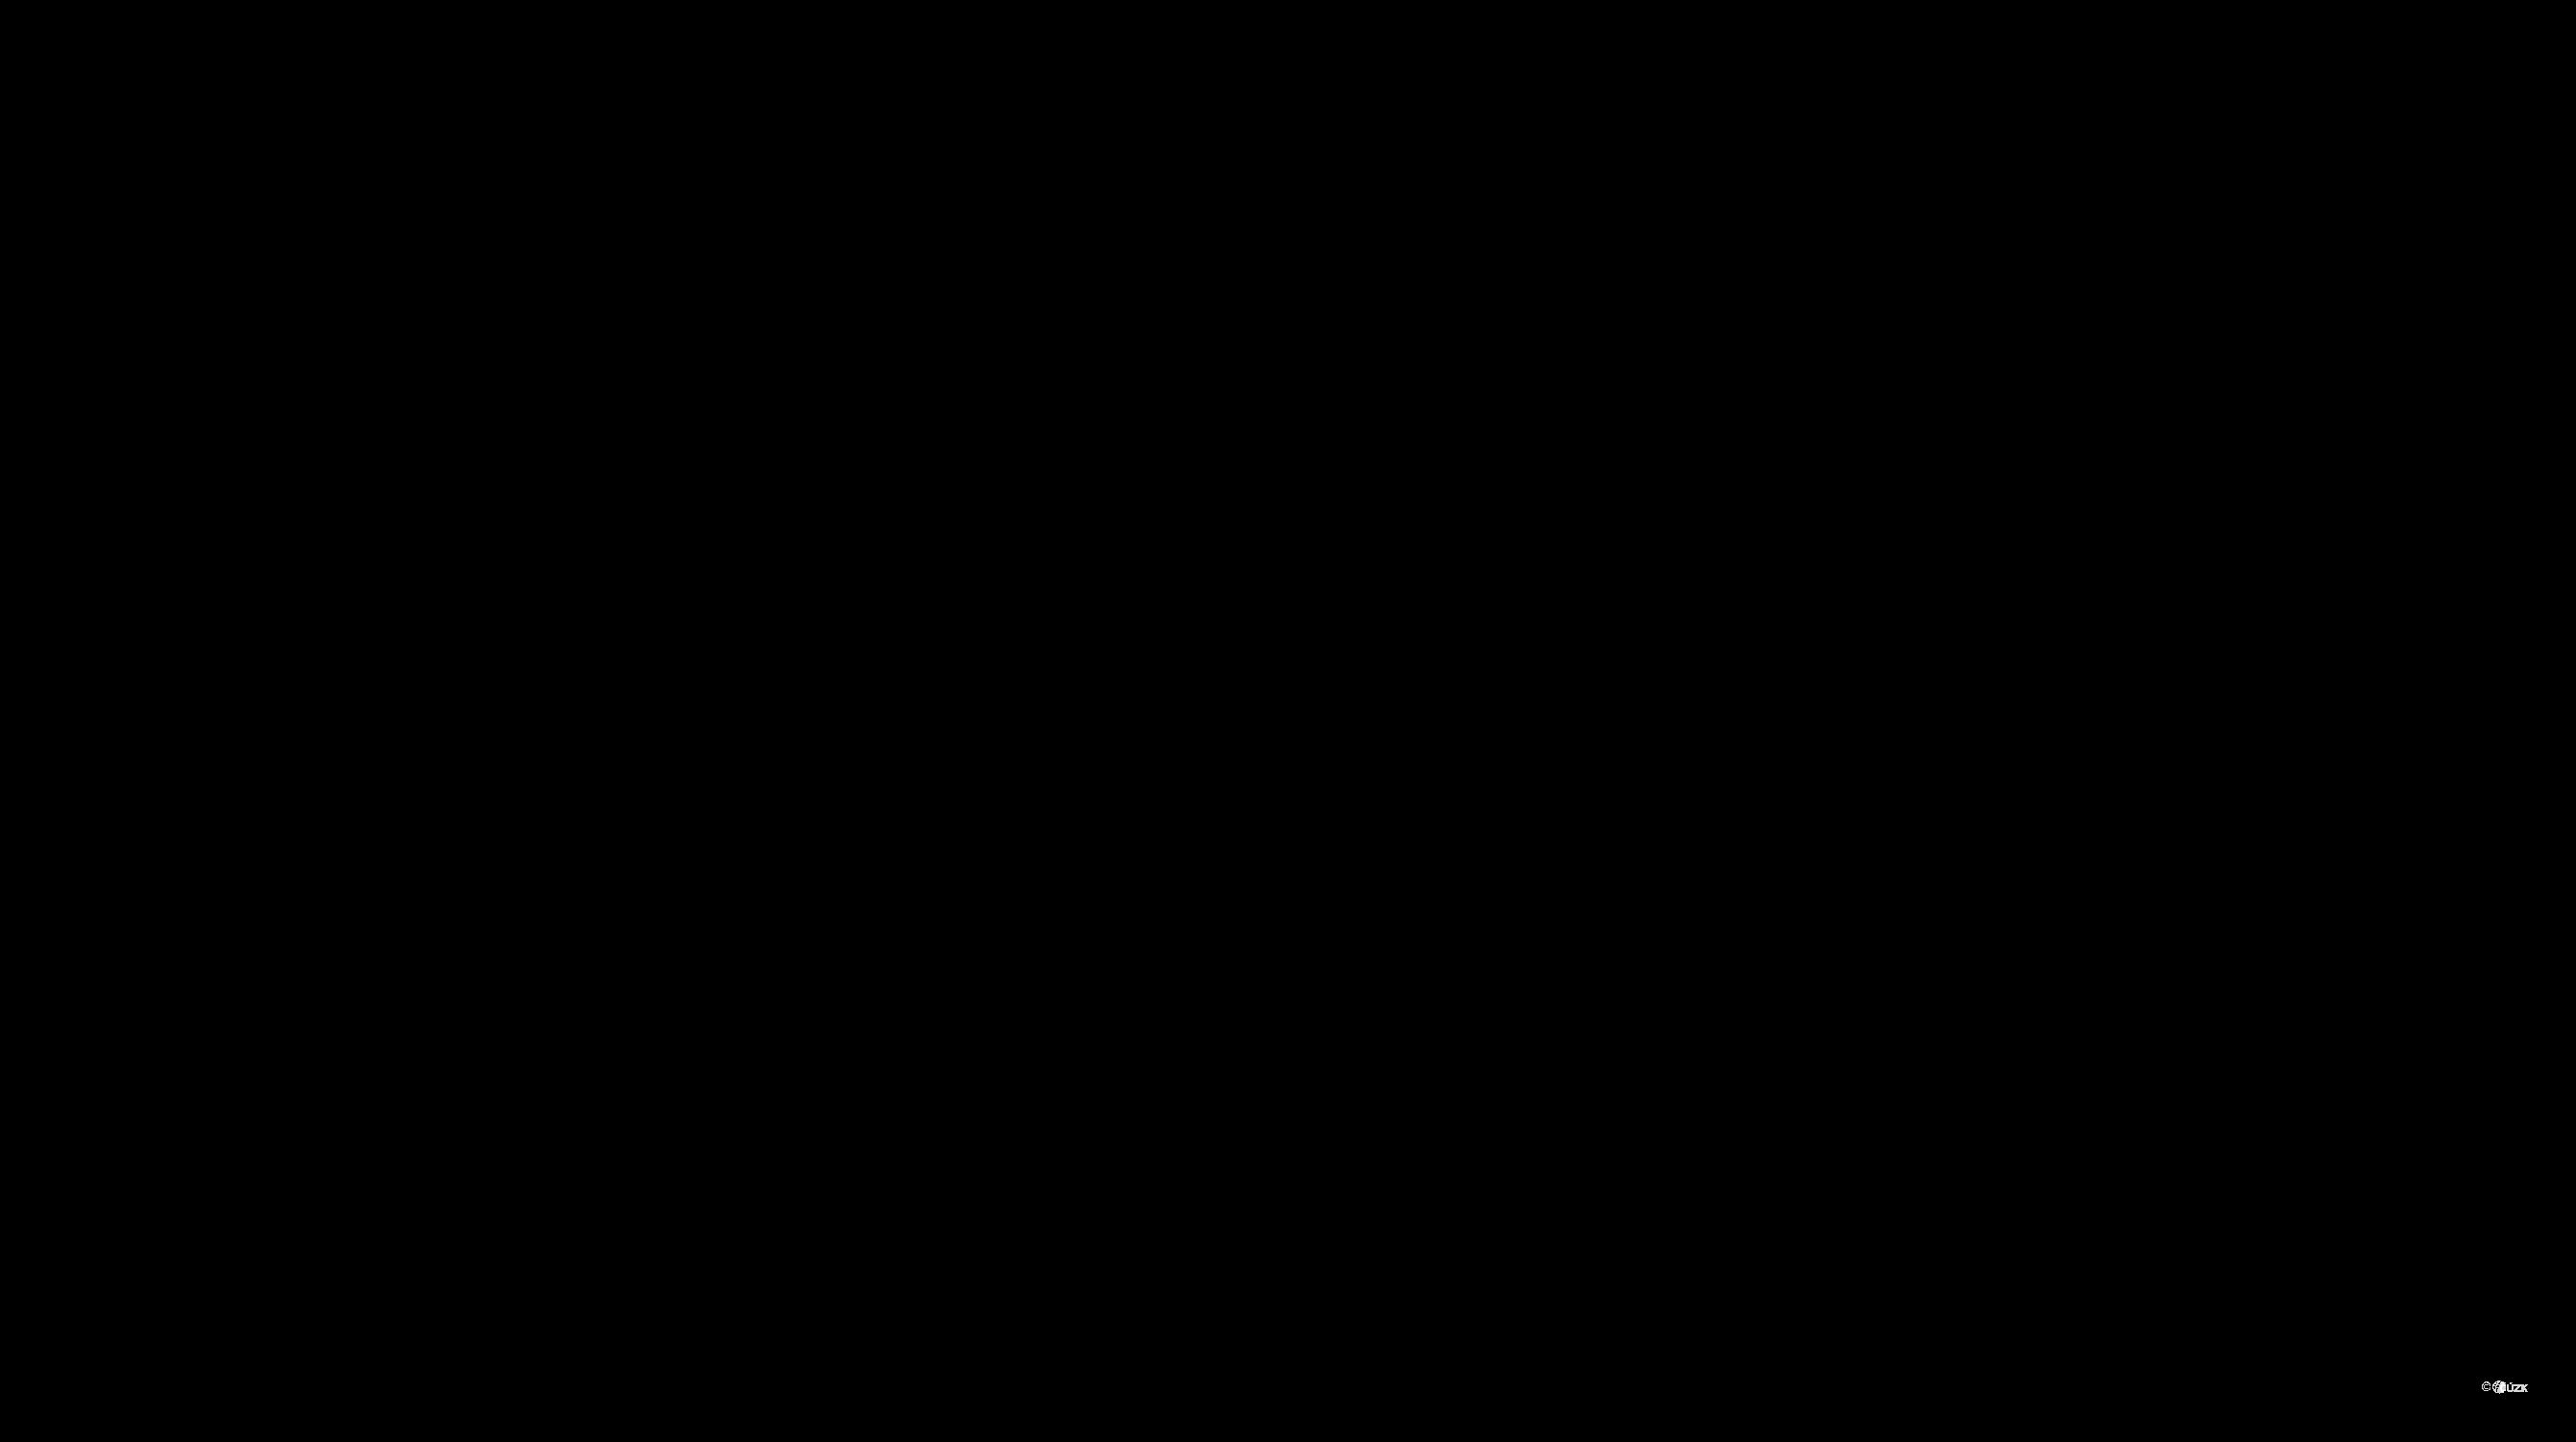 Katastrální mapa pozemků a čísla parcel Bludovice